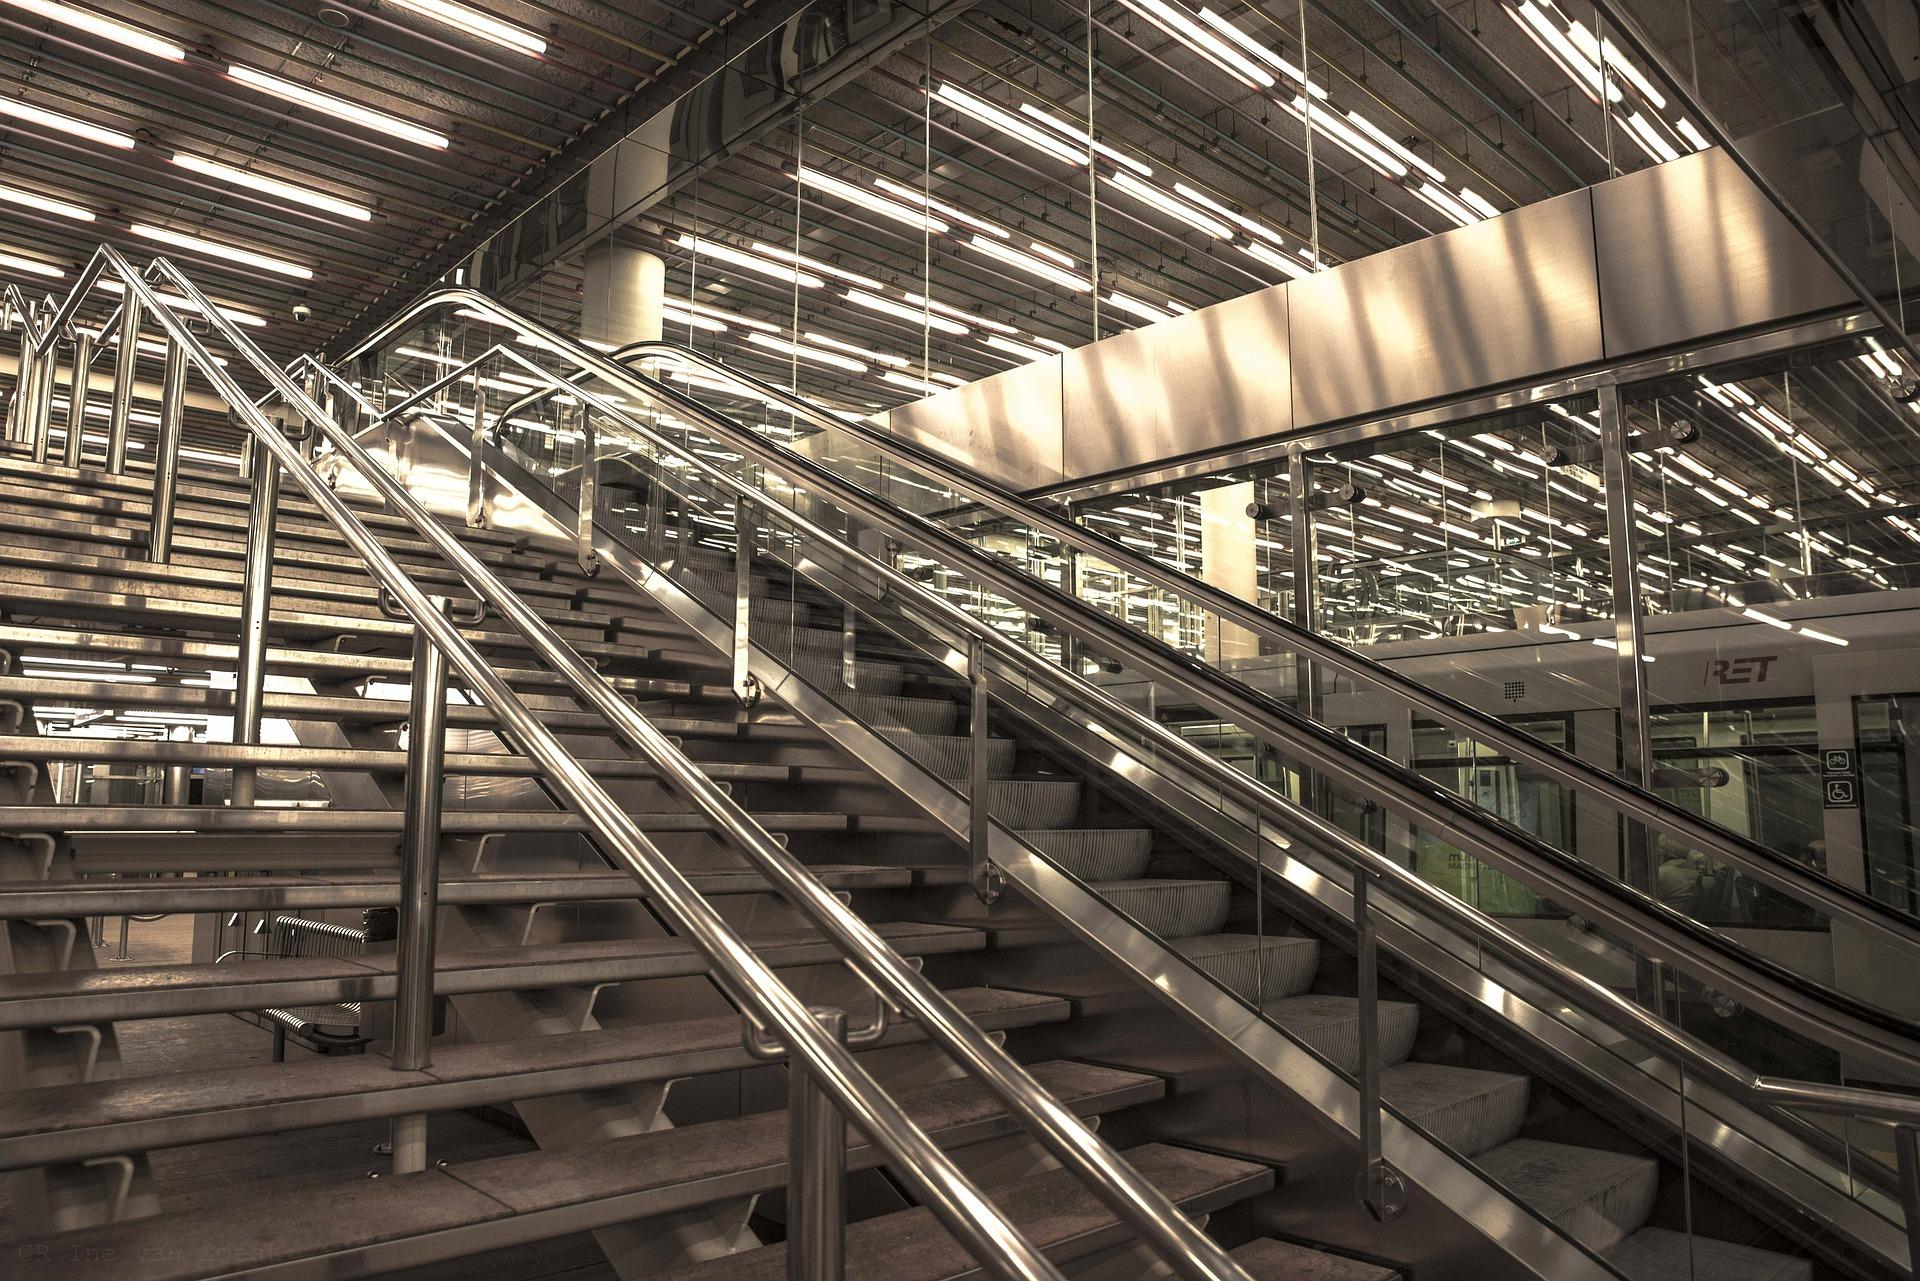 Treppen am Bahnhof